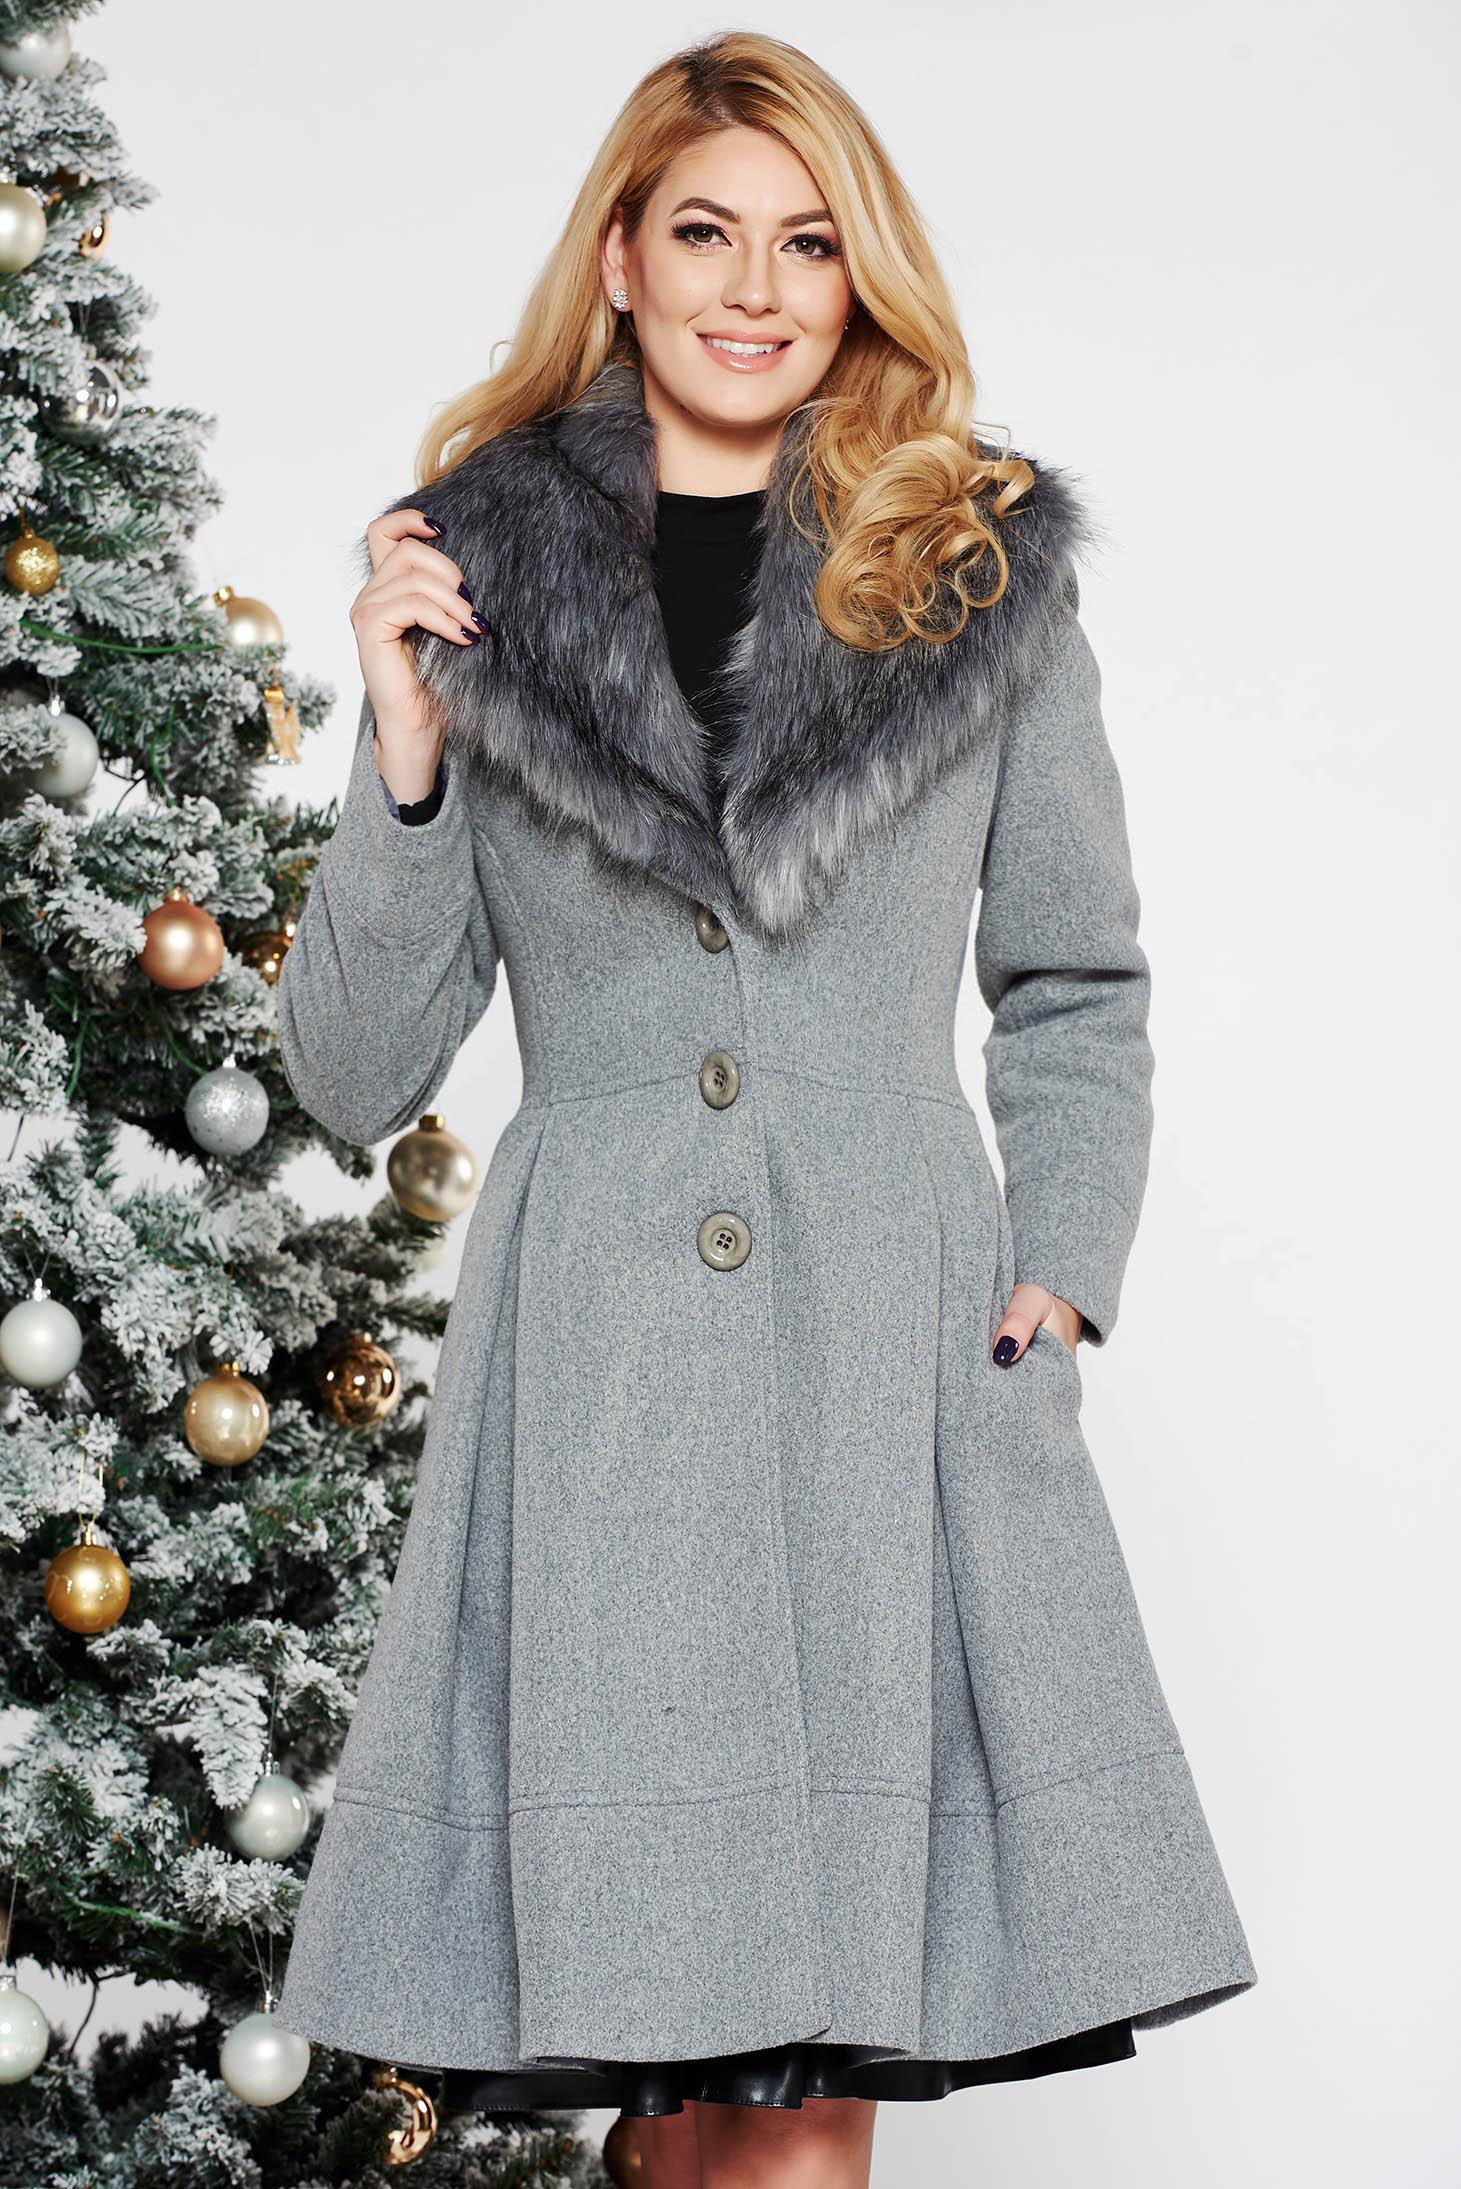 Palton LaDonna gri elegant in clos din lana cu insertii de blana ecologica detasabile